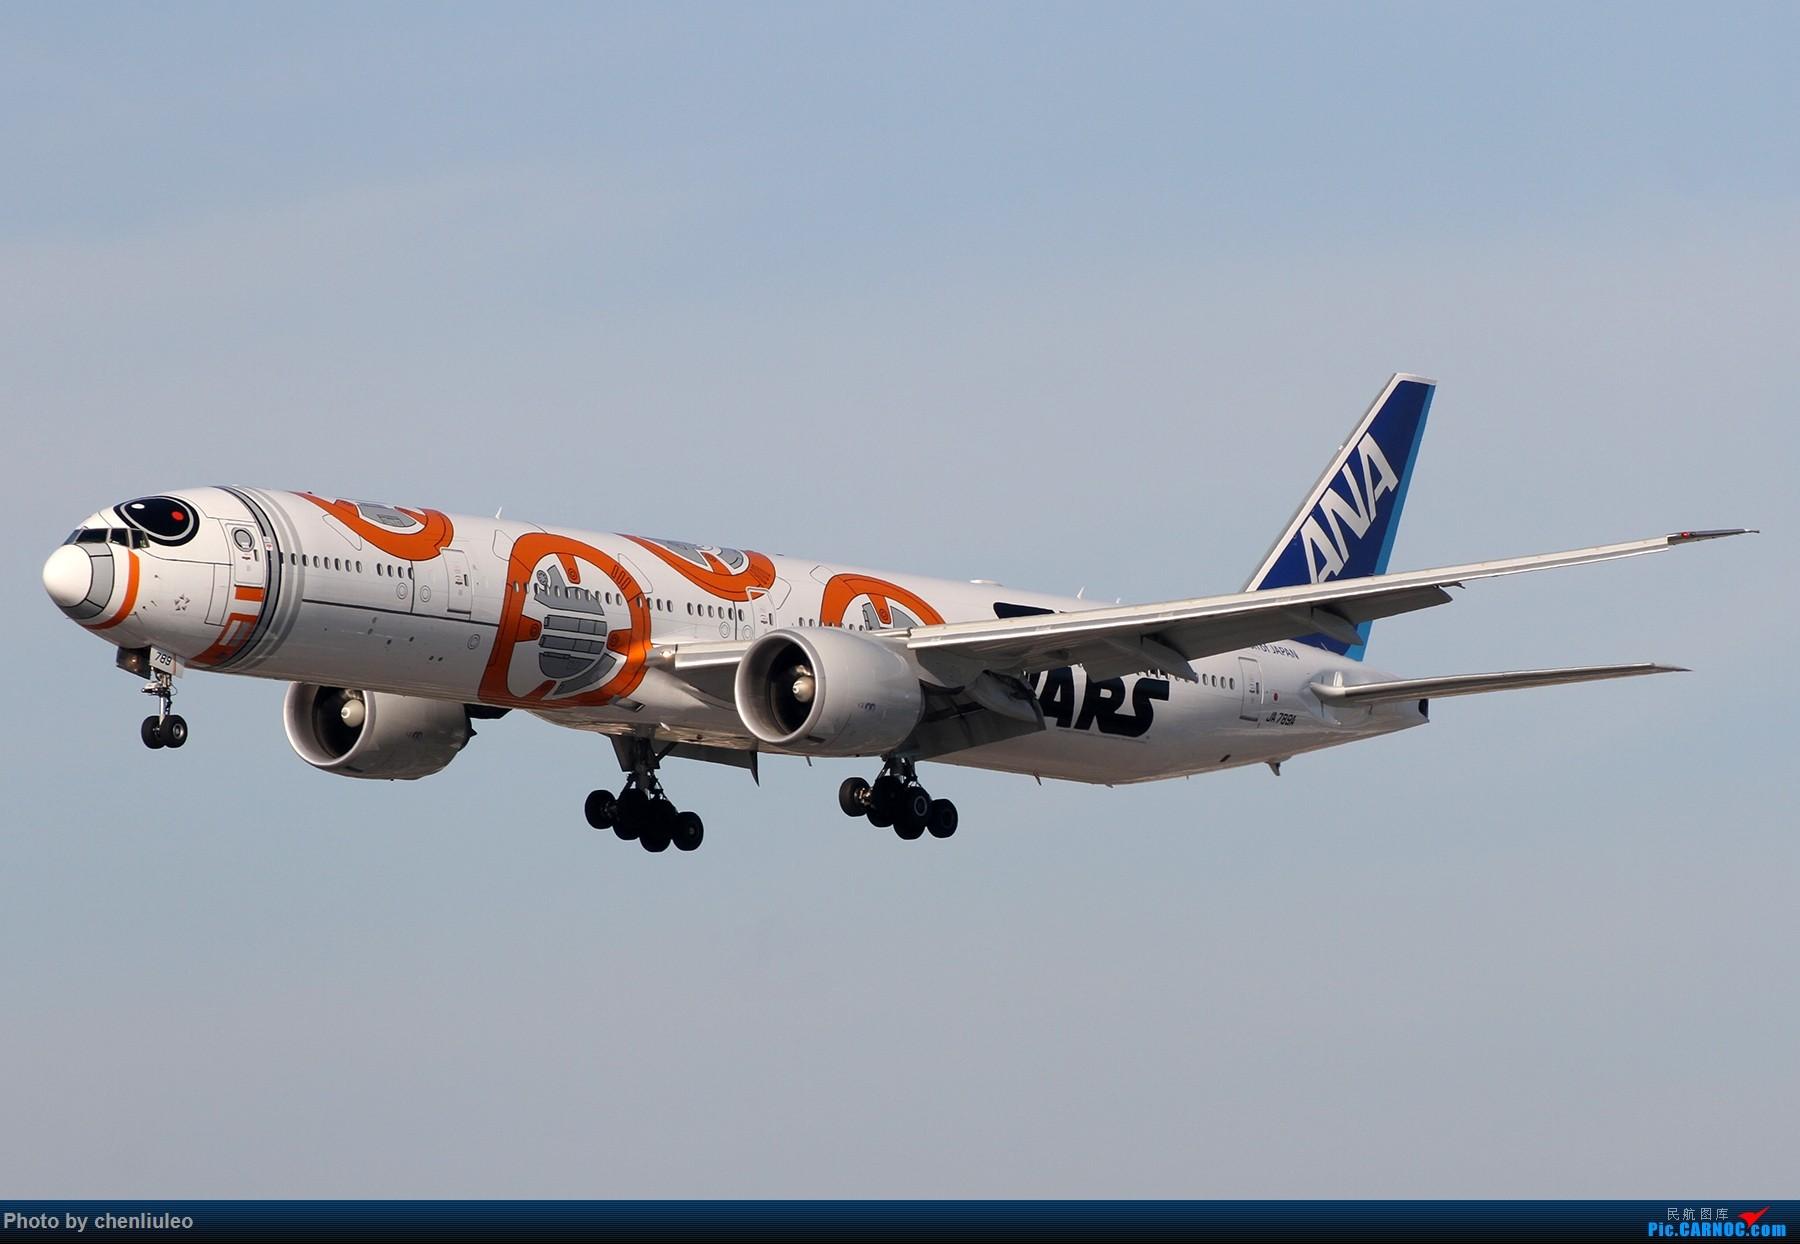 [原创]【北美飞友会】全日空星球大战BB-8黄昏中降落LAX 以及一些杂图 BOEING 777-300ER JA789A 美国洛杉矶机场